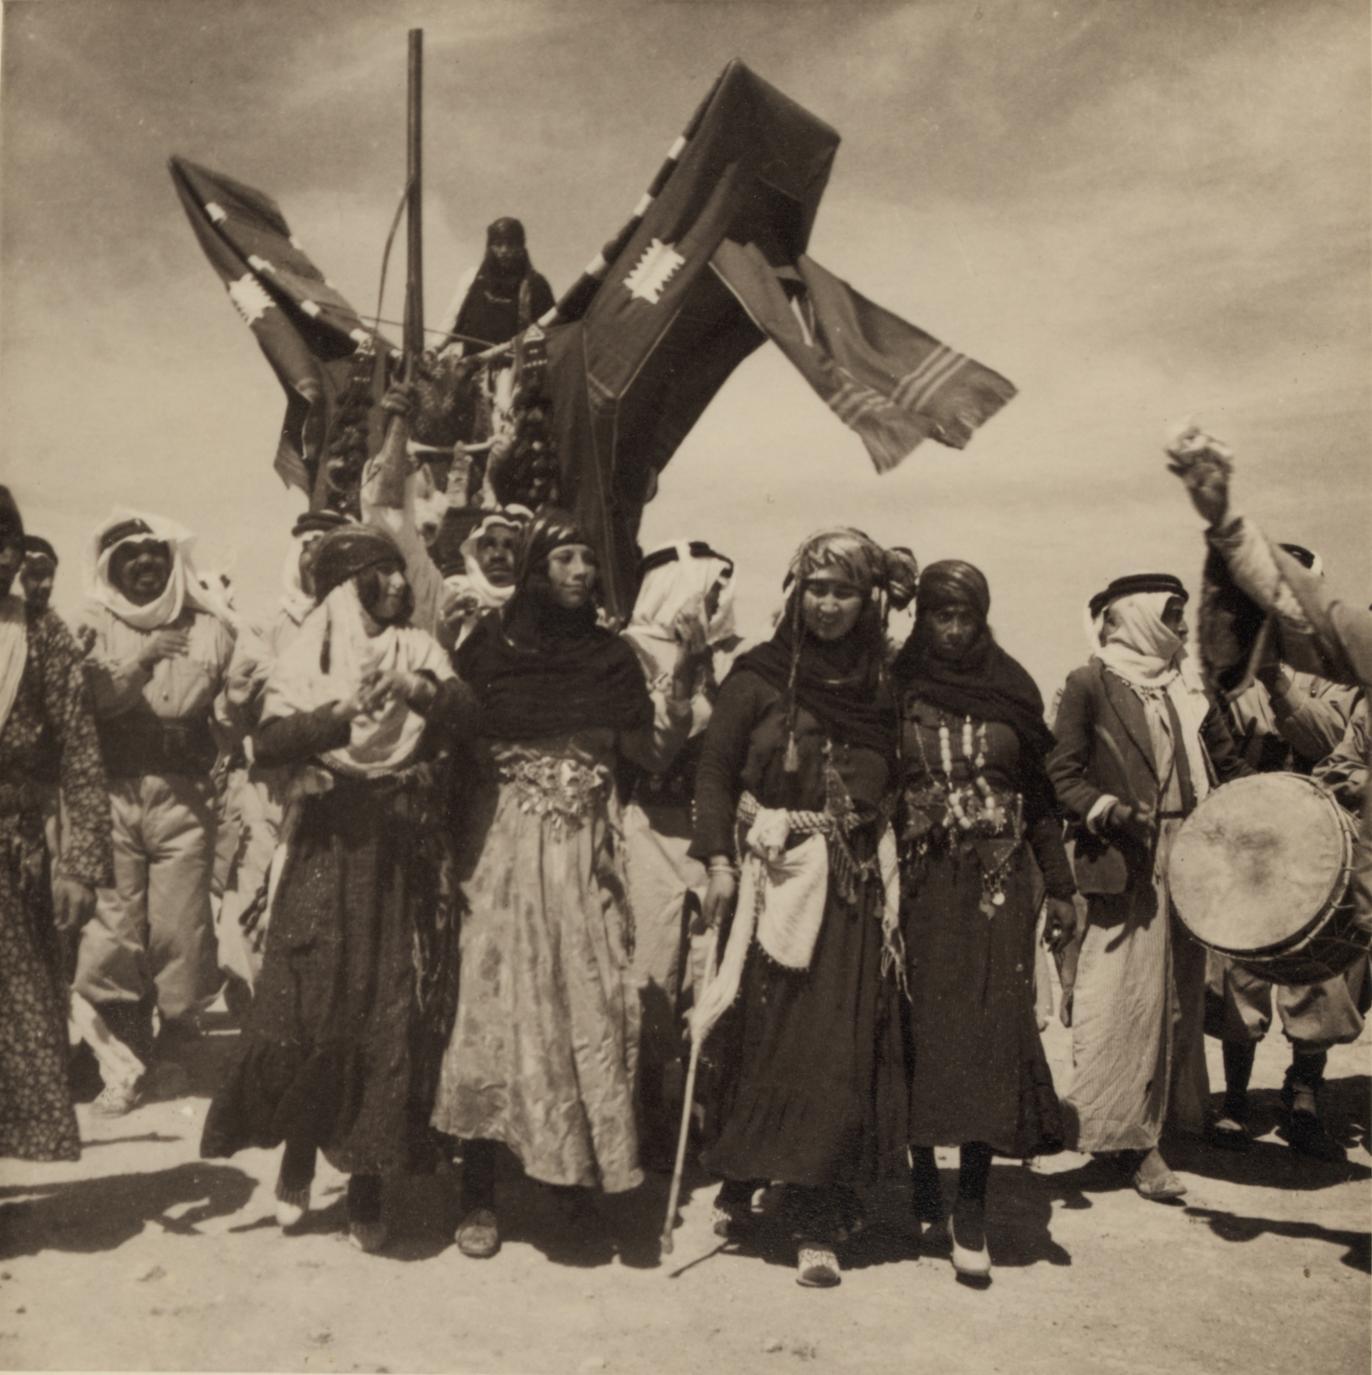 05. Свадьба бедуинов. Доведение невесты до палатки мужа с помощью танцев1